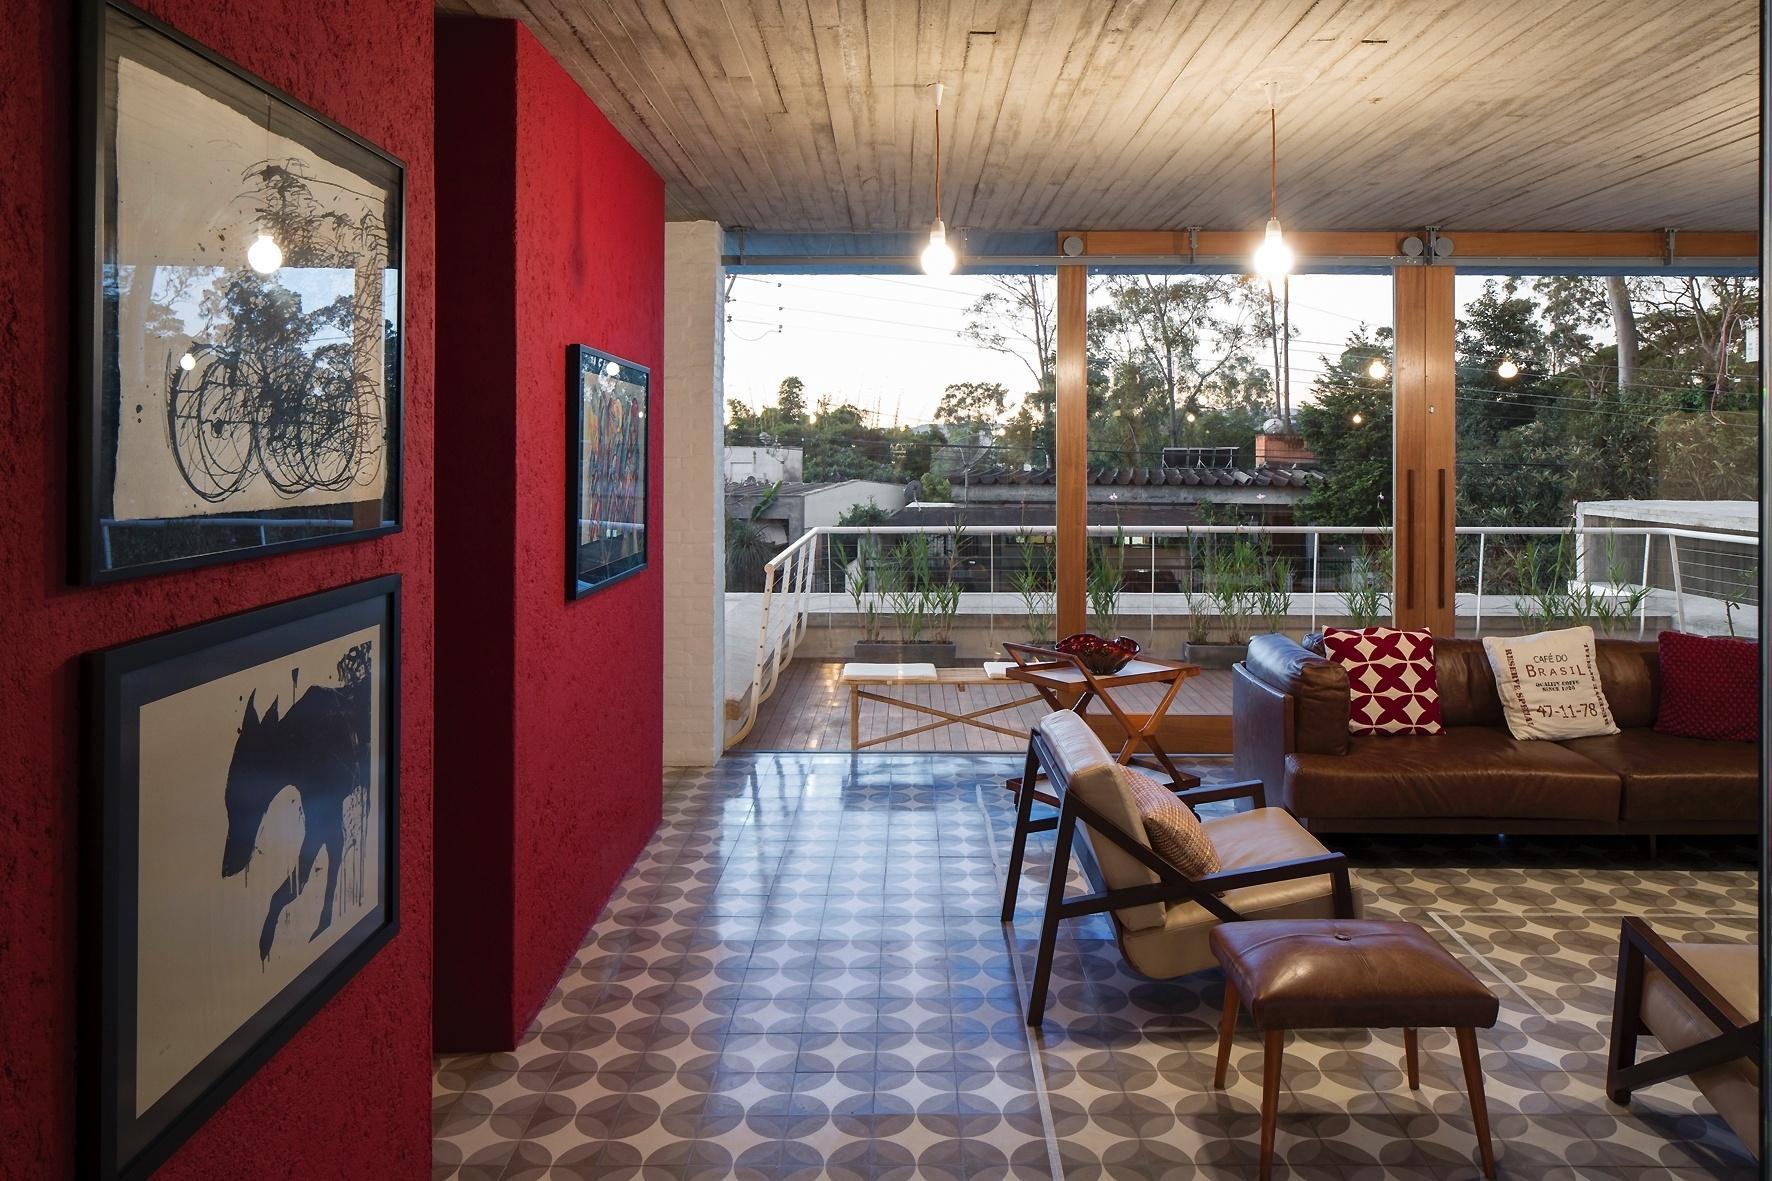 Na sala de estar, a parede com pintura vermelha e textura rústica contrasta com o teto em concreto e o piso de ladrilhos hidráulicos, ambos em tons de cinza. O ambiente recebe luz natural graças aos fechamentos de vidro e às portas de correr  que se abrem para o terraço. A casa Lapa é um projeto do escritório Brasil Arquitetura